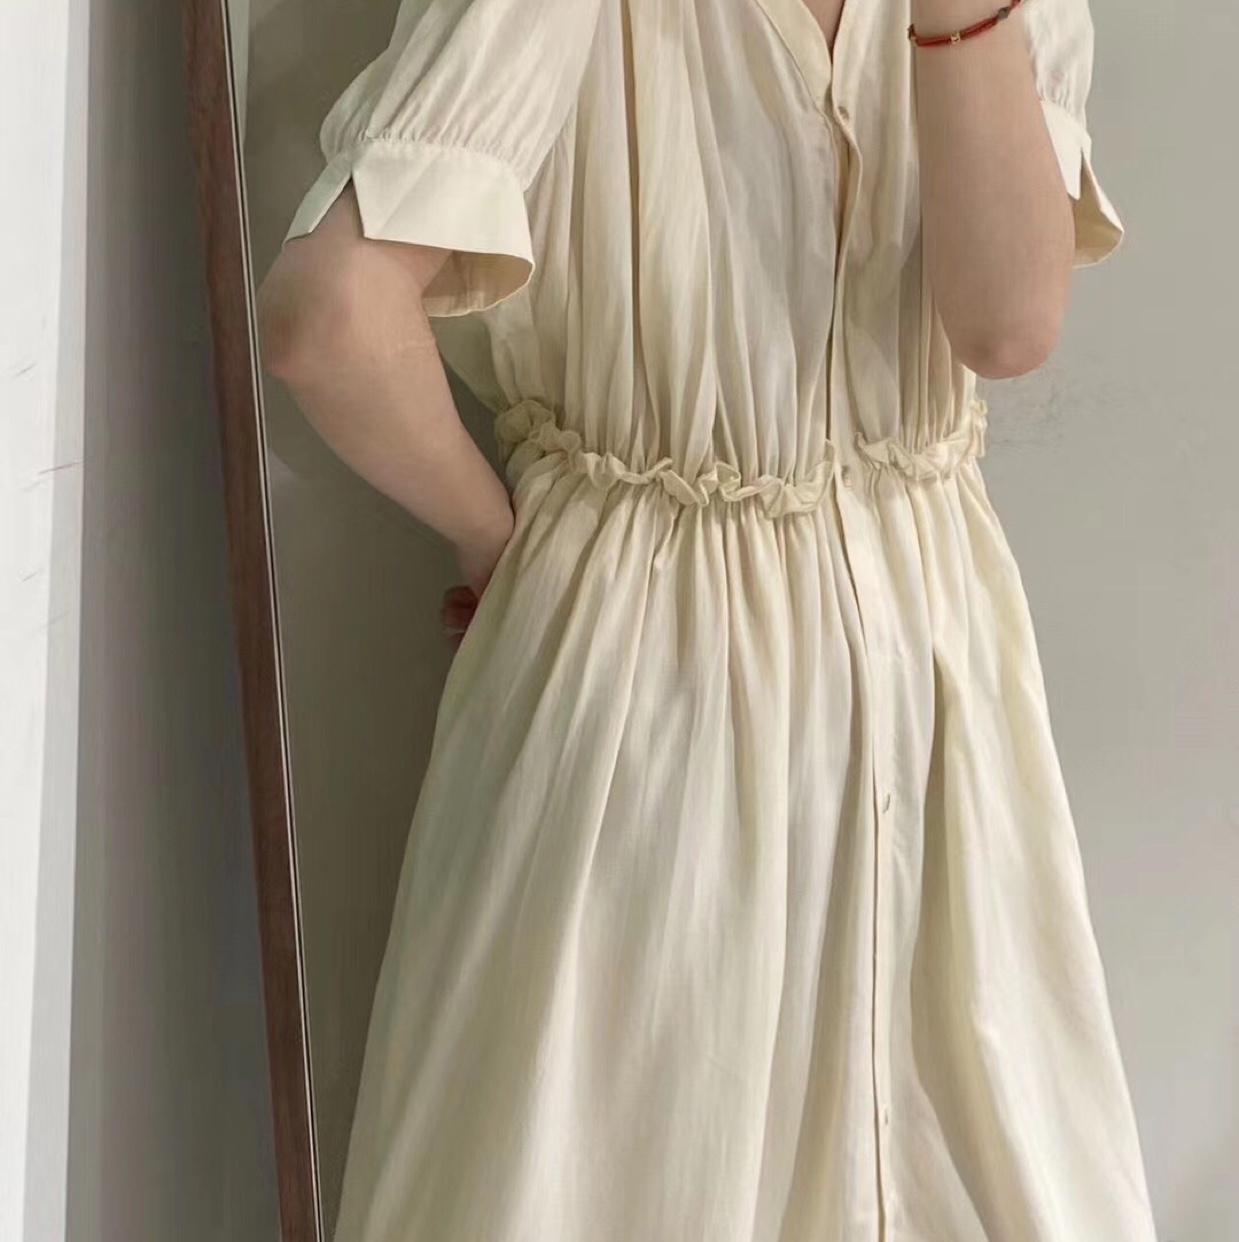 鹅黄色长裙